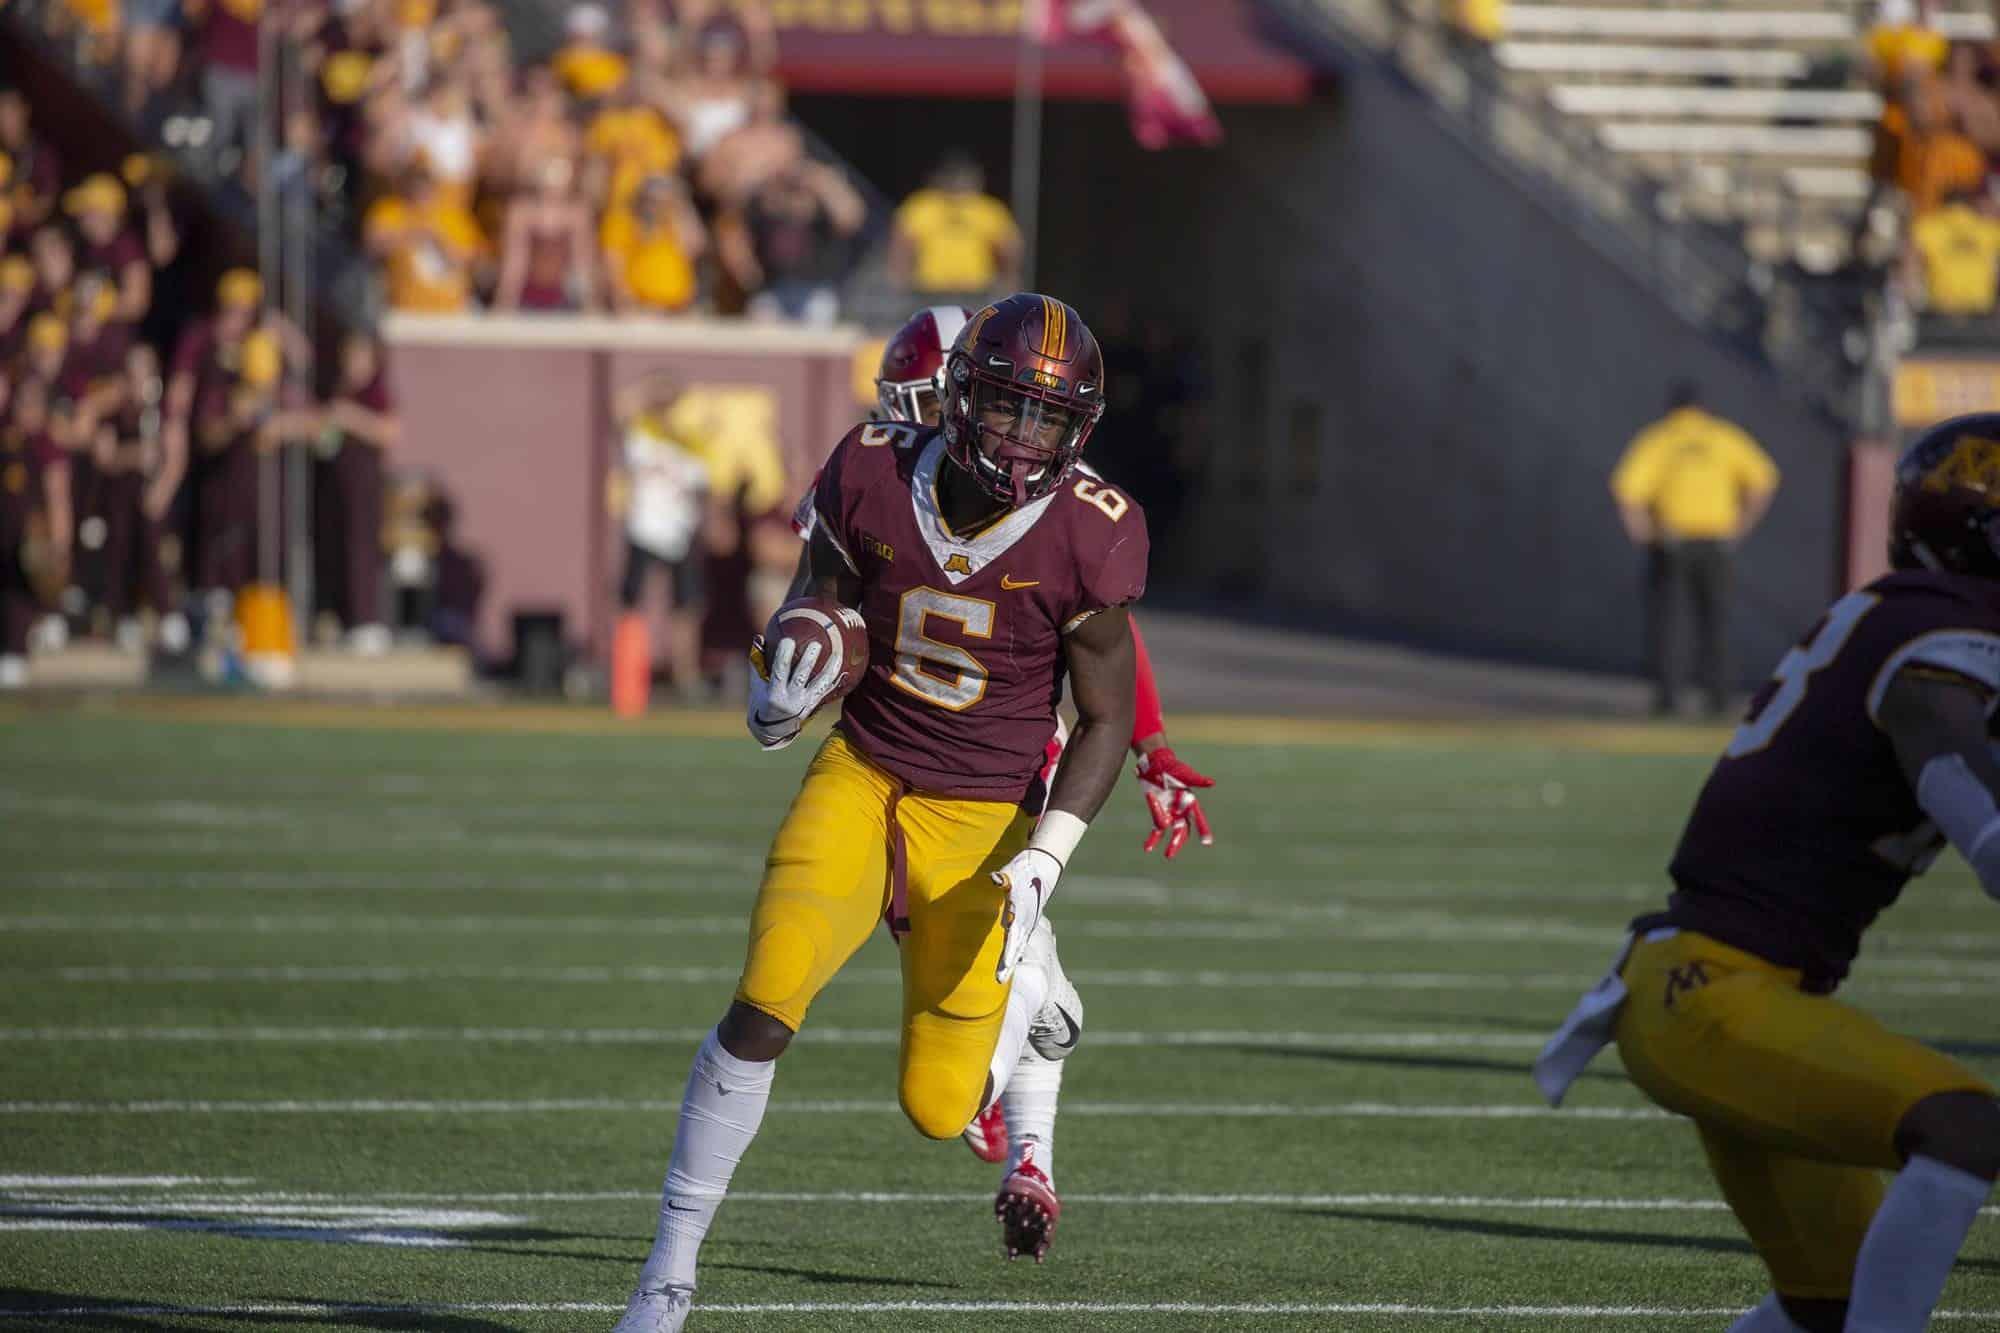 6dea5eff 2020 NFL Draft Prospect Preview: Tyler Johnson, WR, Minnesota